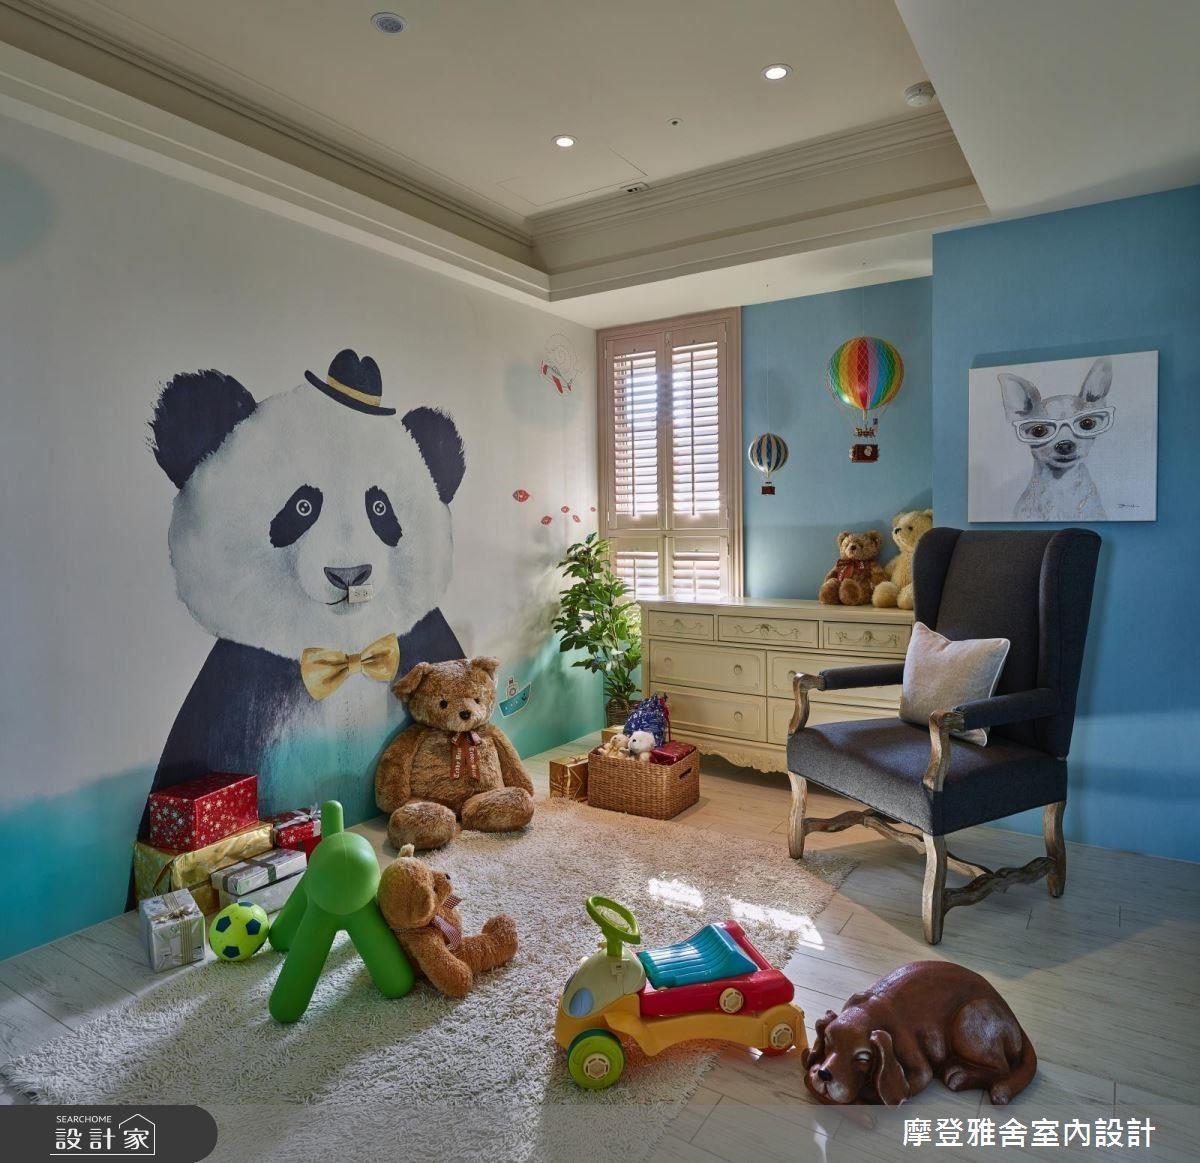 小孩房以童趣熊貓壁紙,給孩子美好童年時光。